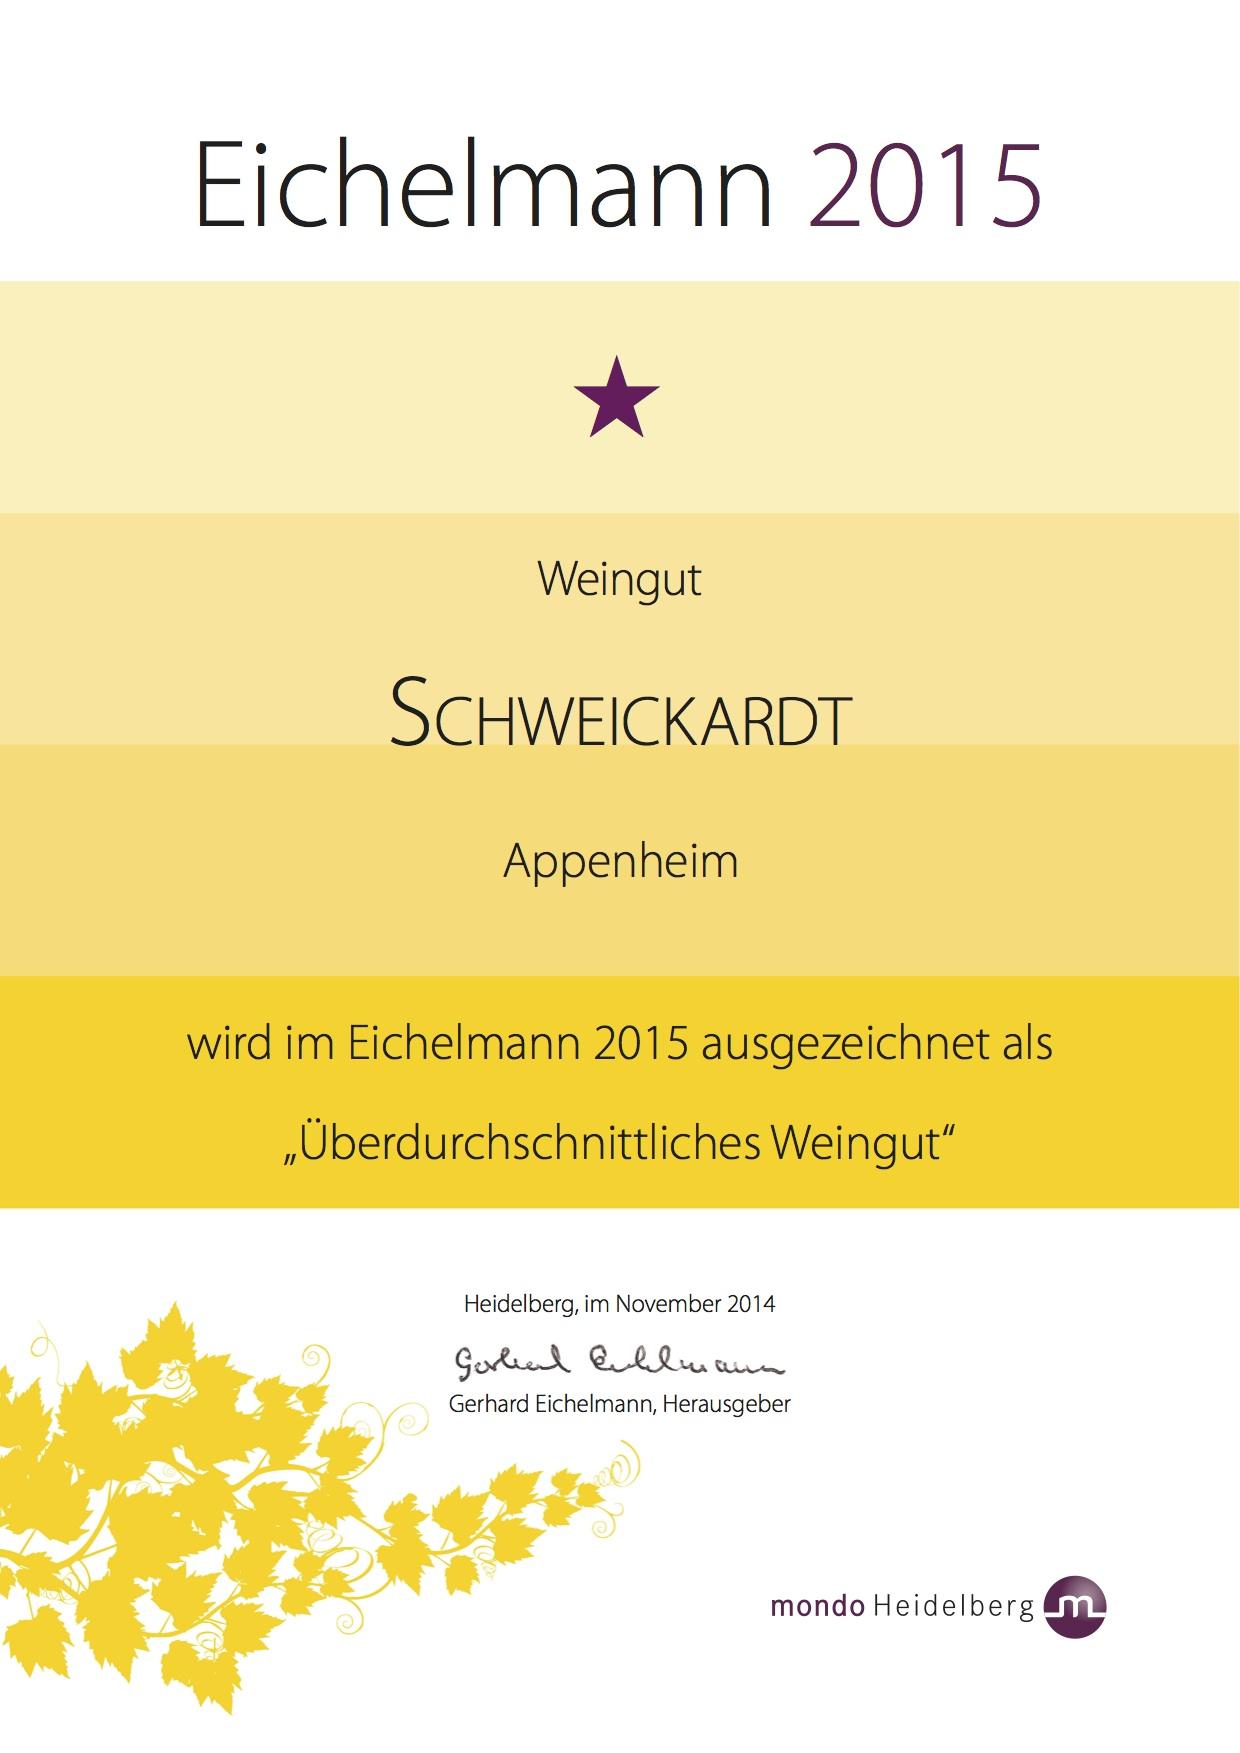 Auszeichnung im Weinführer Eichelmann 2015 - Weingut Schweickardt